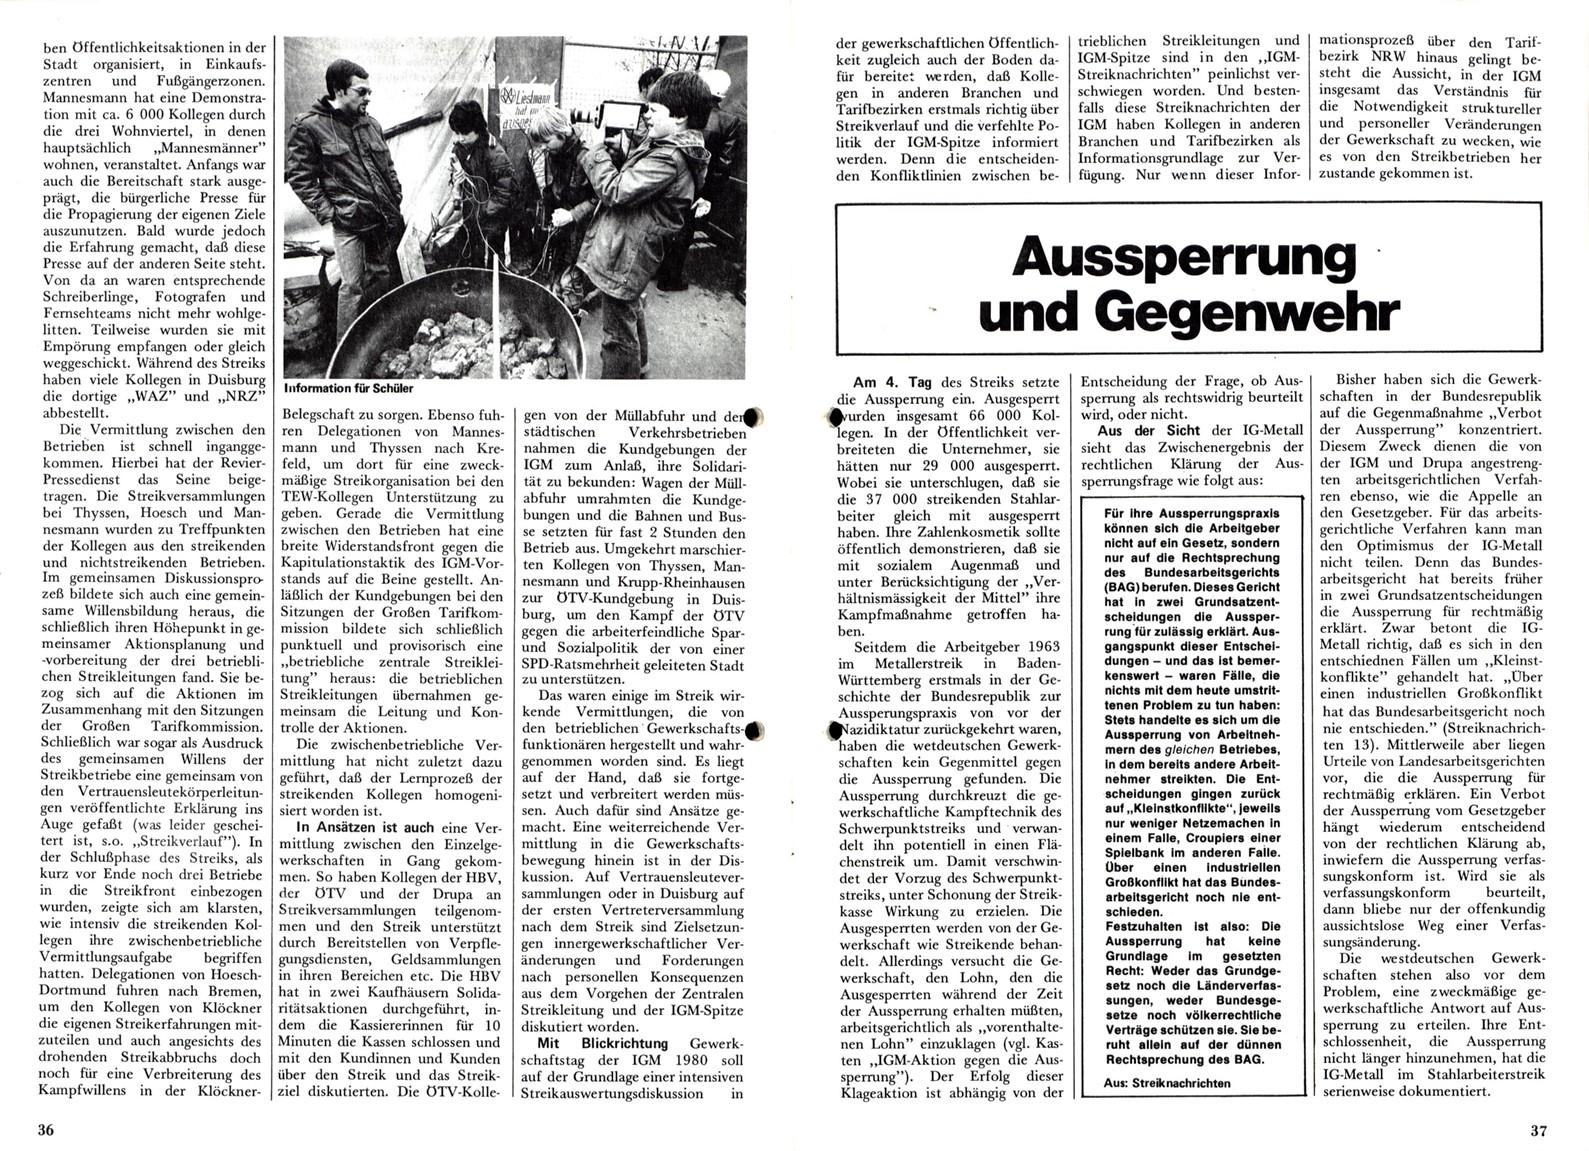 Bonn_RZ_20_19790200_19